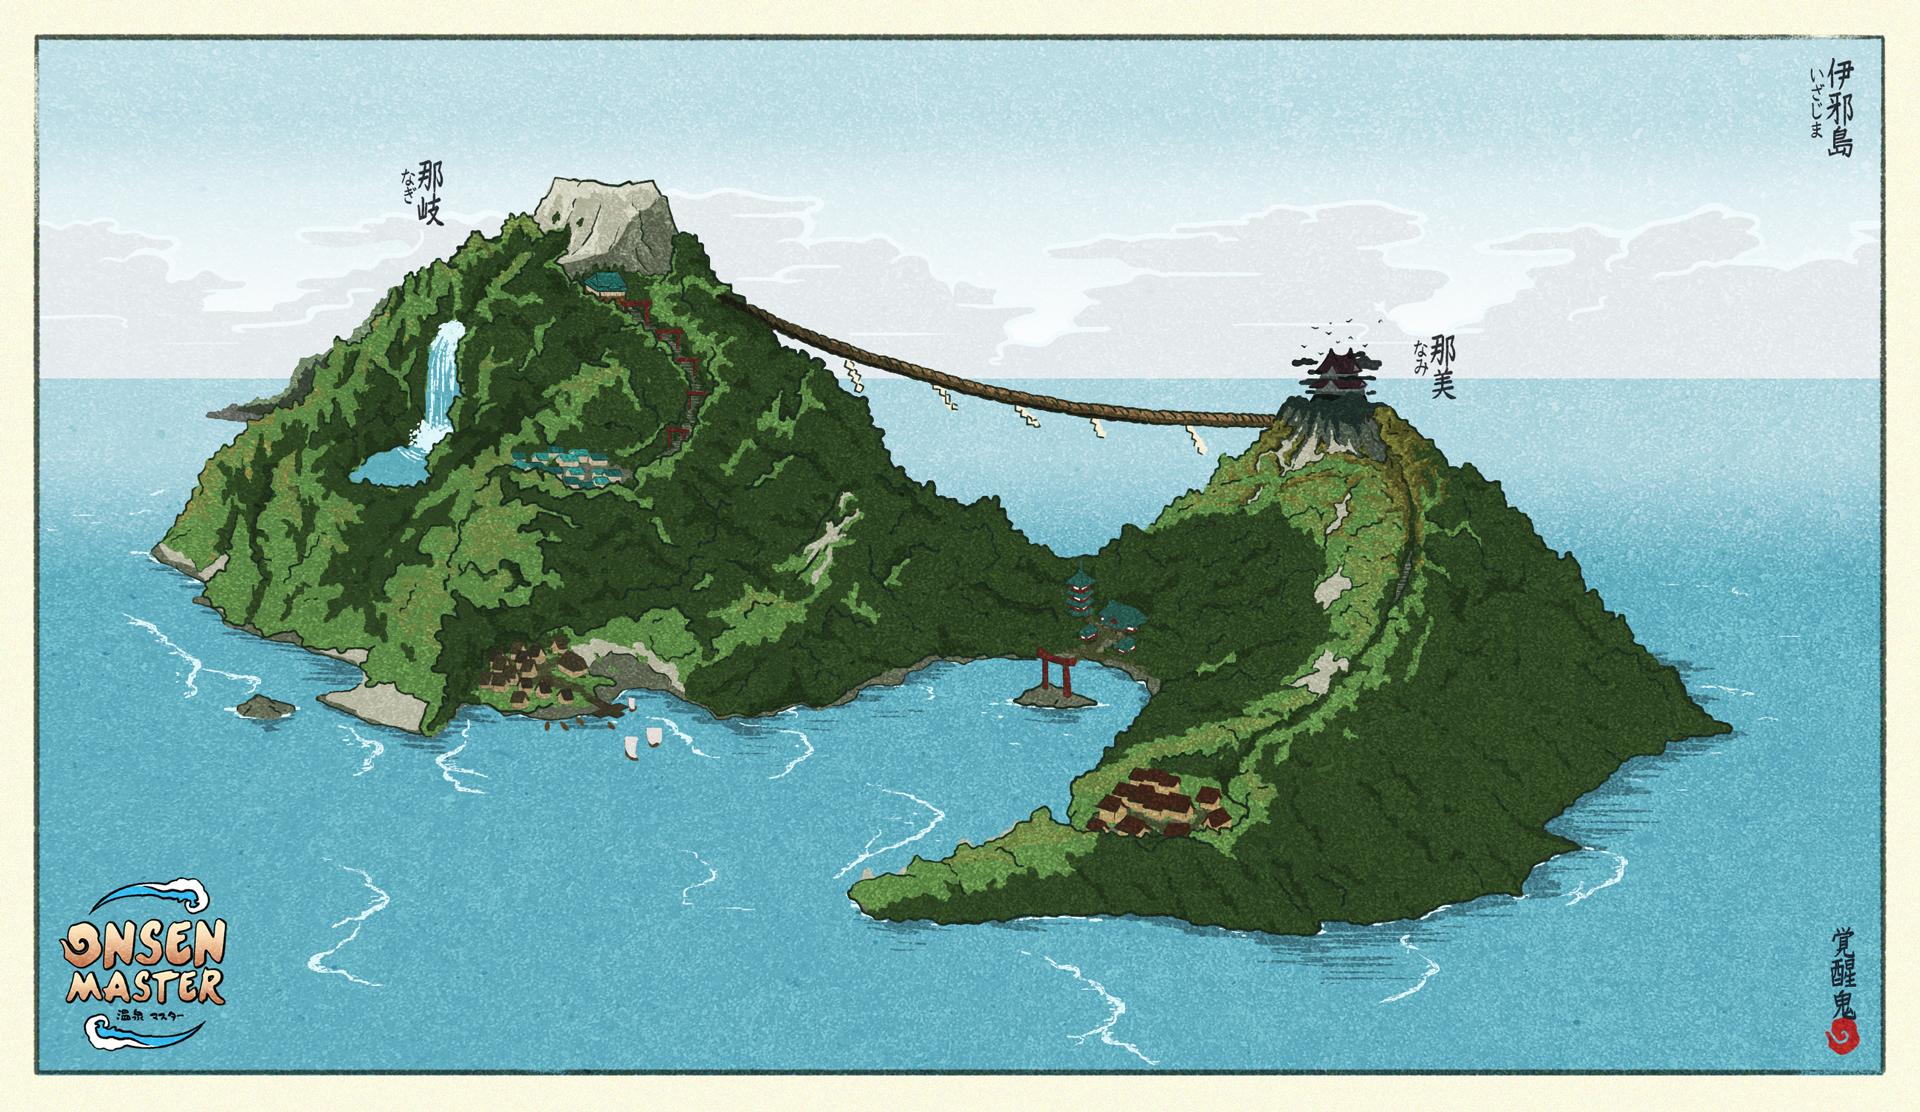 Concept art by Derrick Fields